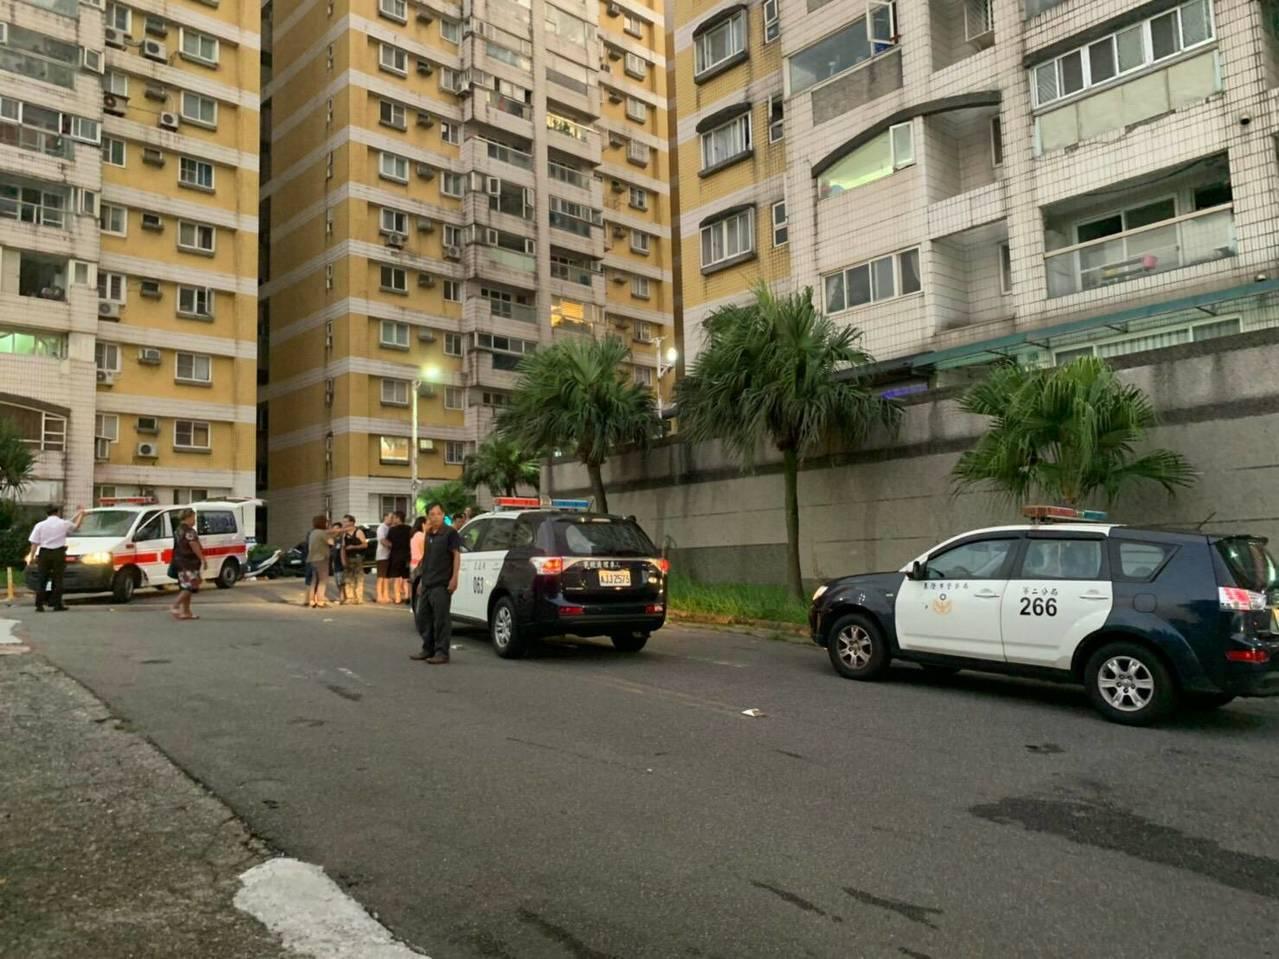 基隆市觀海街一處大型社區今天晚間發生一起車禍意外,總共有5人受輕傷送醫。 記者遊明...